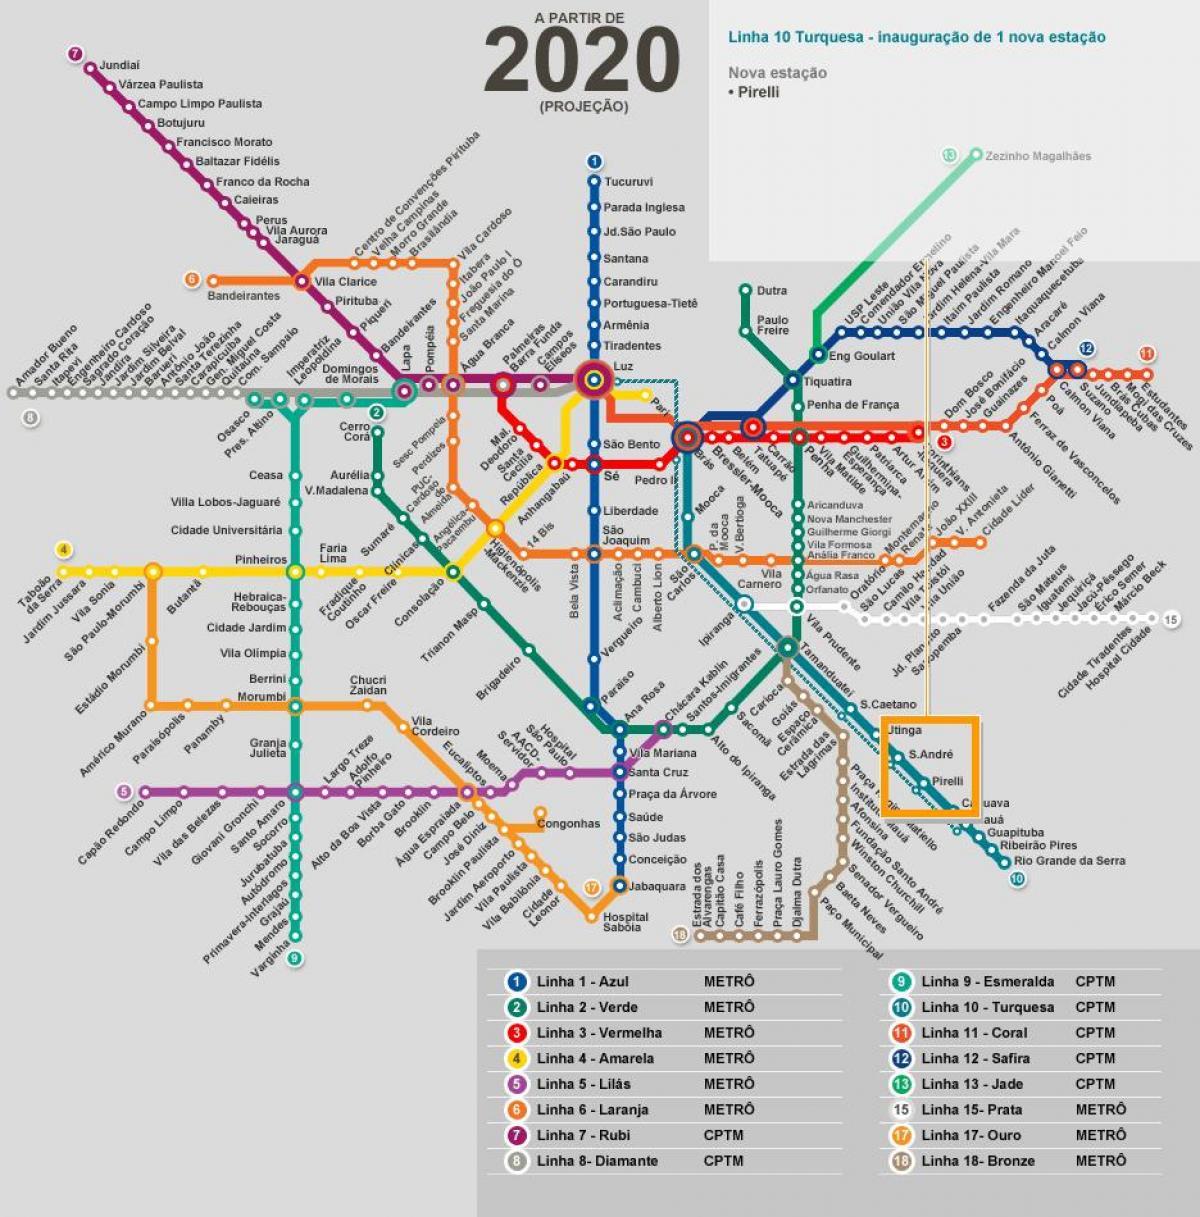 São Paulo rede de metro mapa - Mapa de São Paulo rede de metro ...